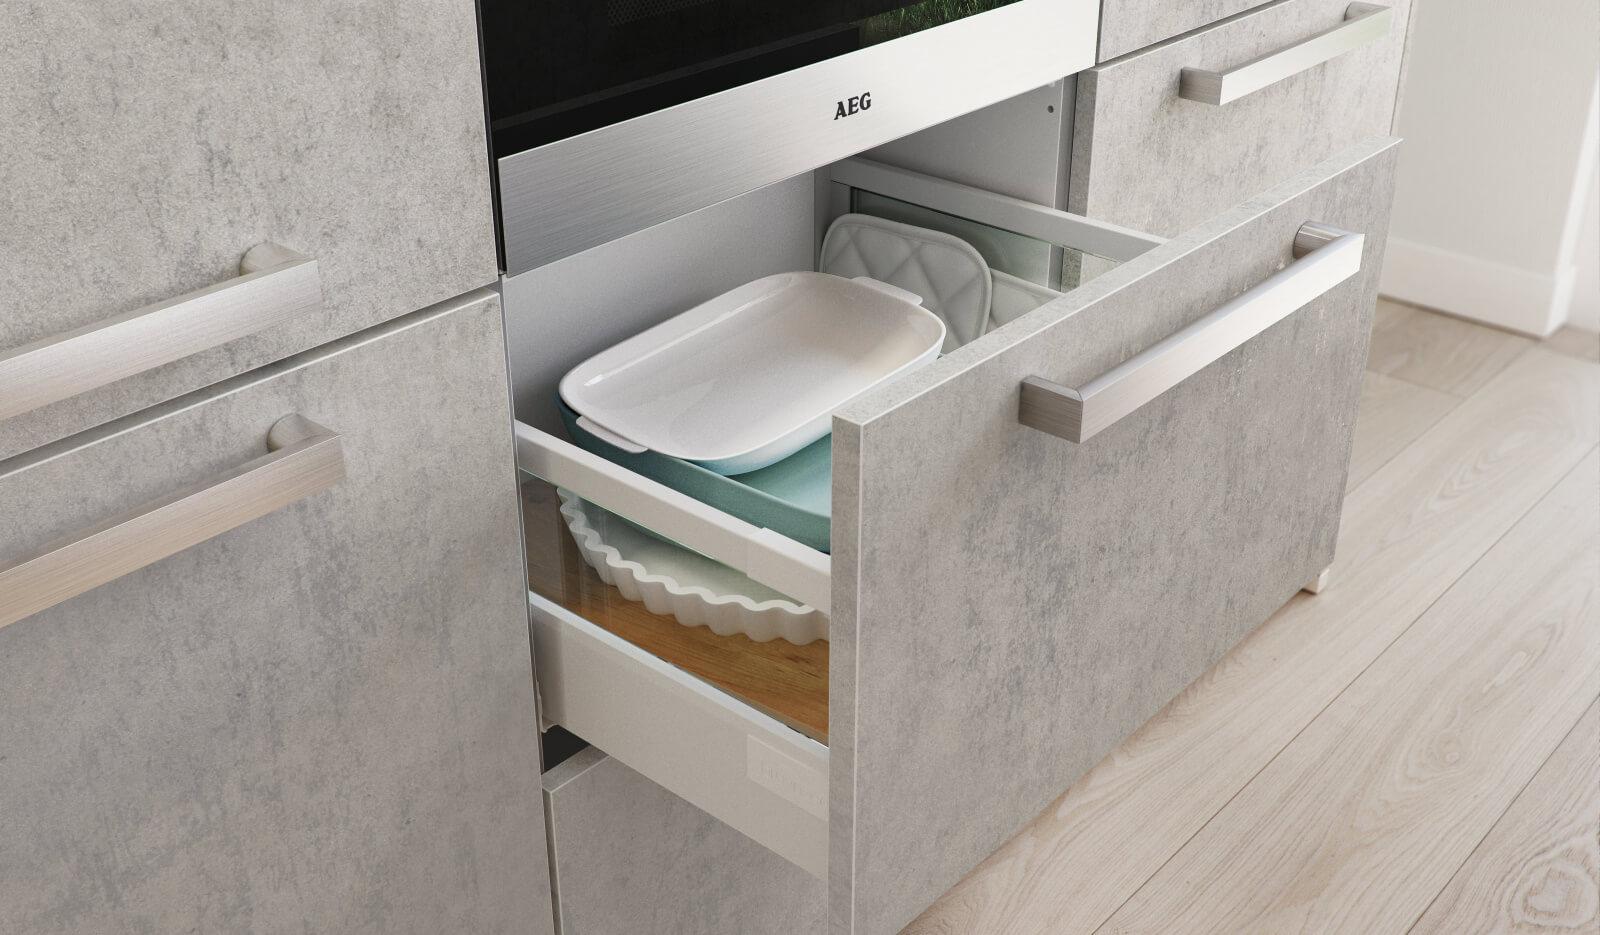 Keuken Atlas betongrijs - voorraadlade